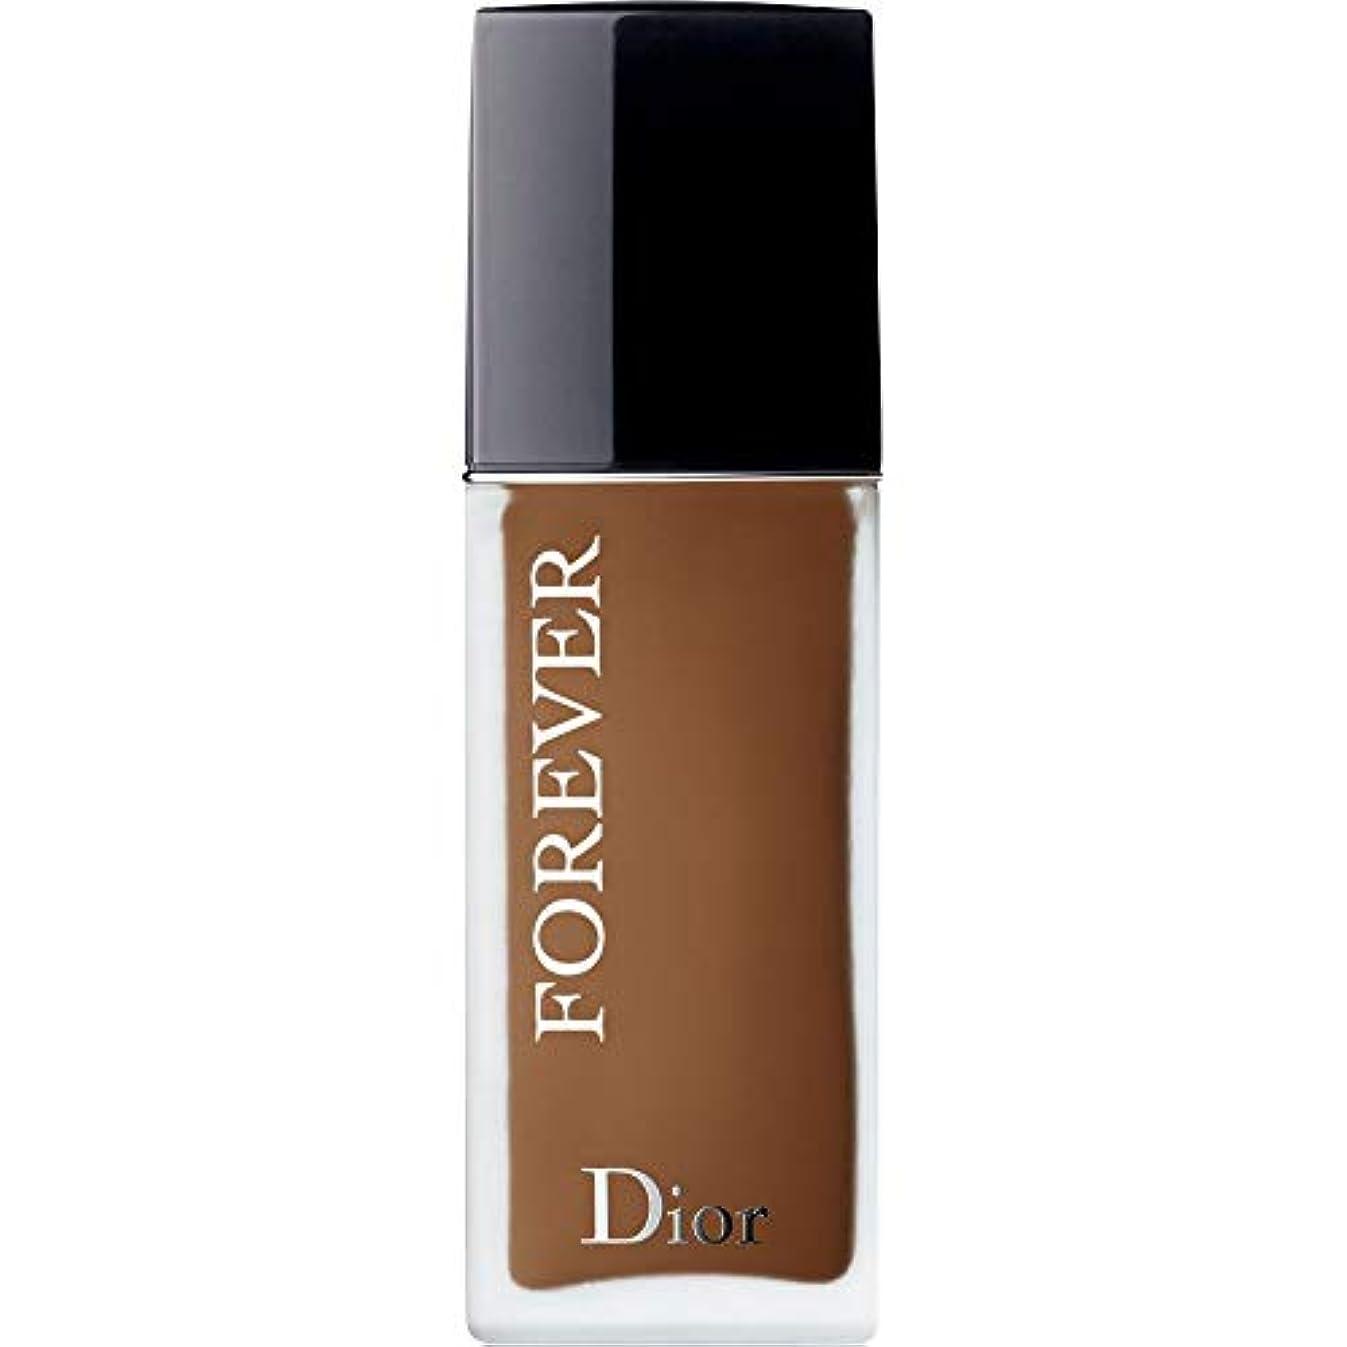 テレマコス解任挽く[Dior ] ディオール永遠皮膚思いやりの基盤Spf35 30ミリリットルの7.5N - ニュートラル(つや消し) - DIOR Forever Skin-Caring Foundation SPF35 30ml 7.5N...